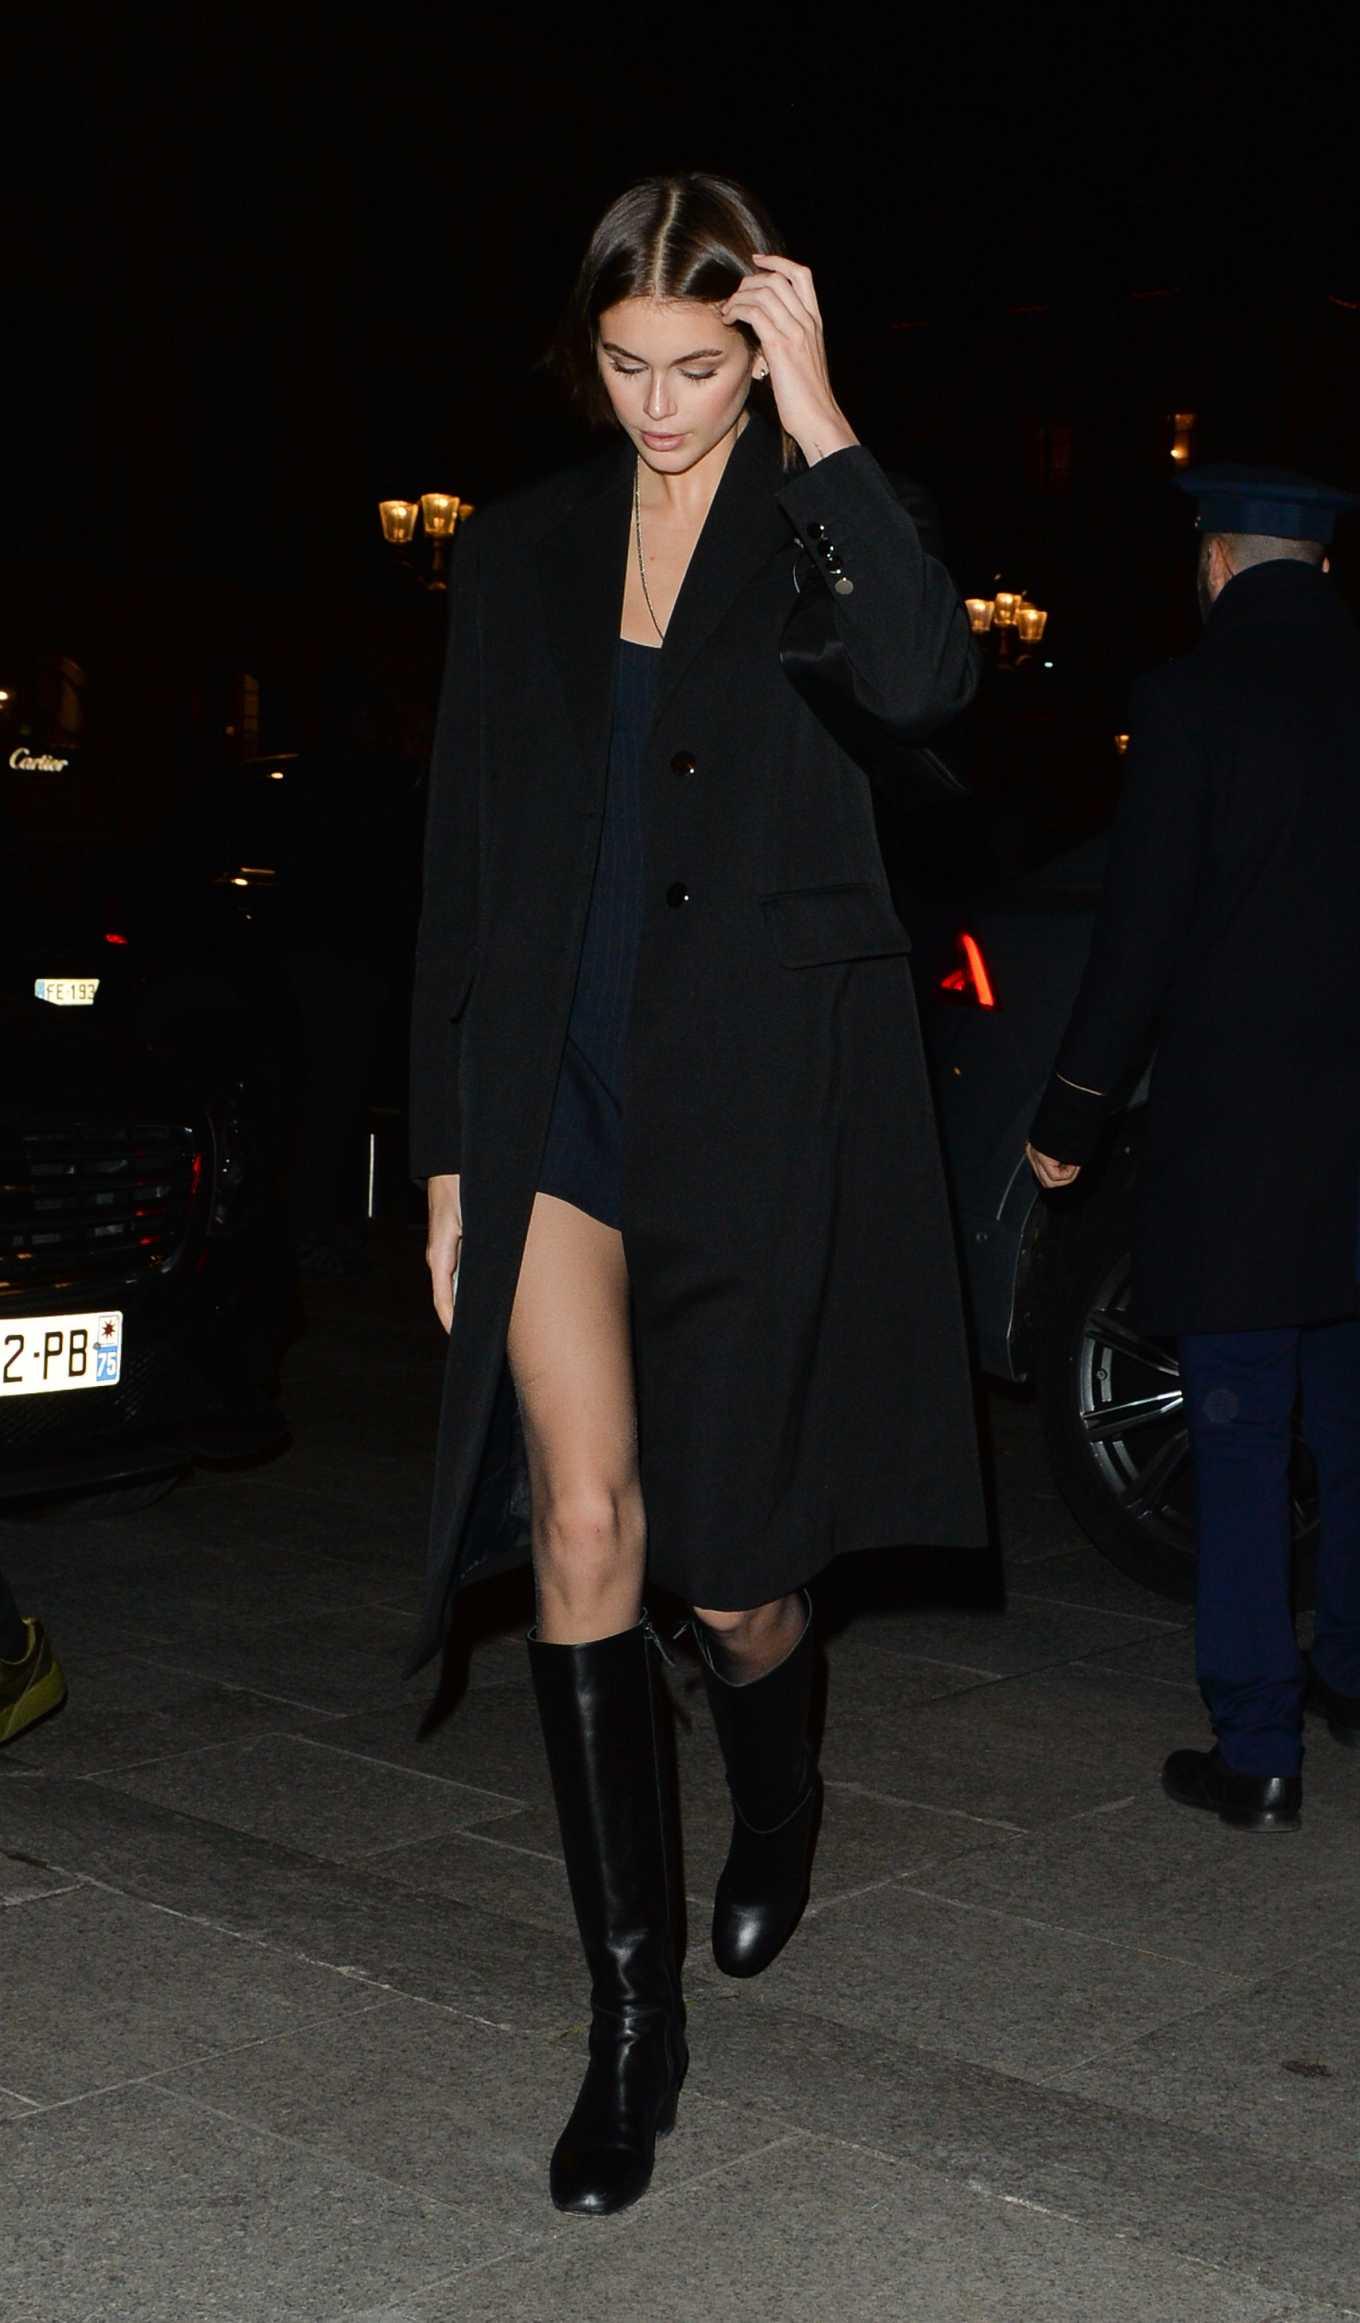 Kaia Gerber 2020 : Kaia Gerber – Night out in Paris-15